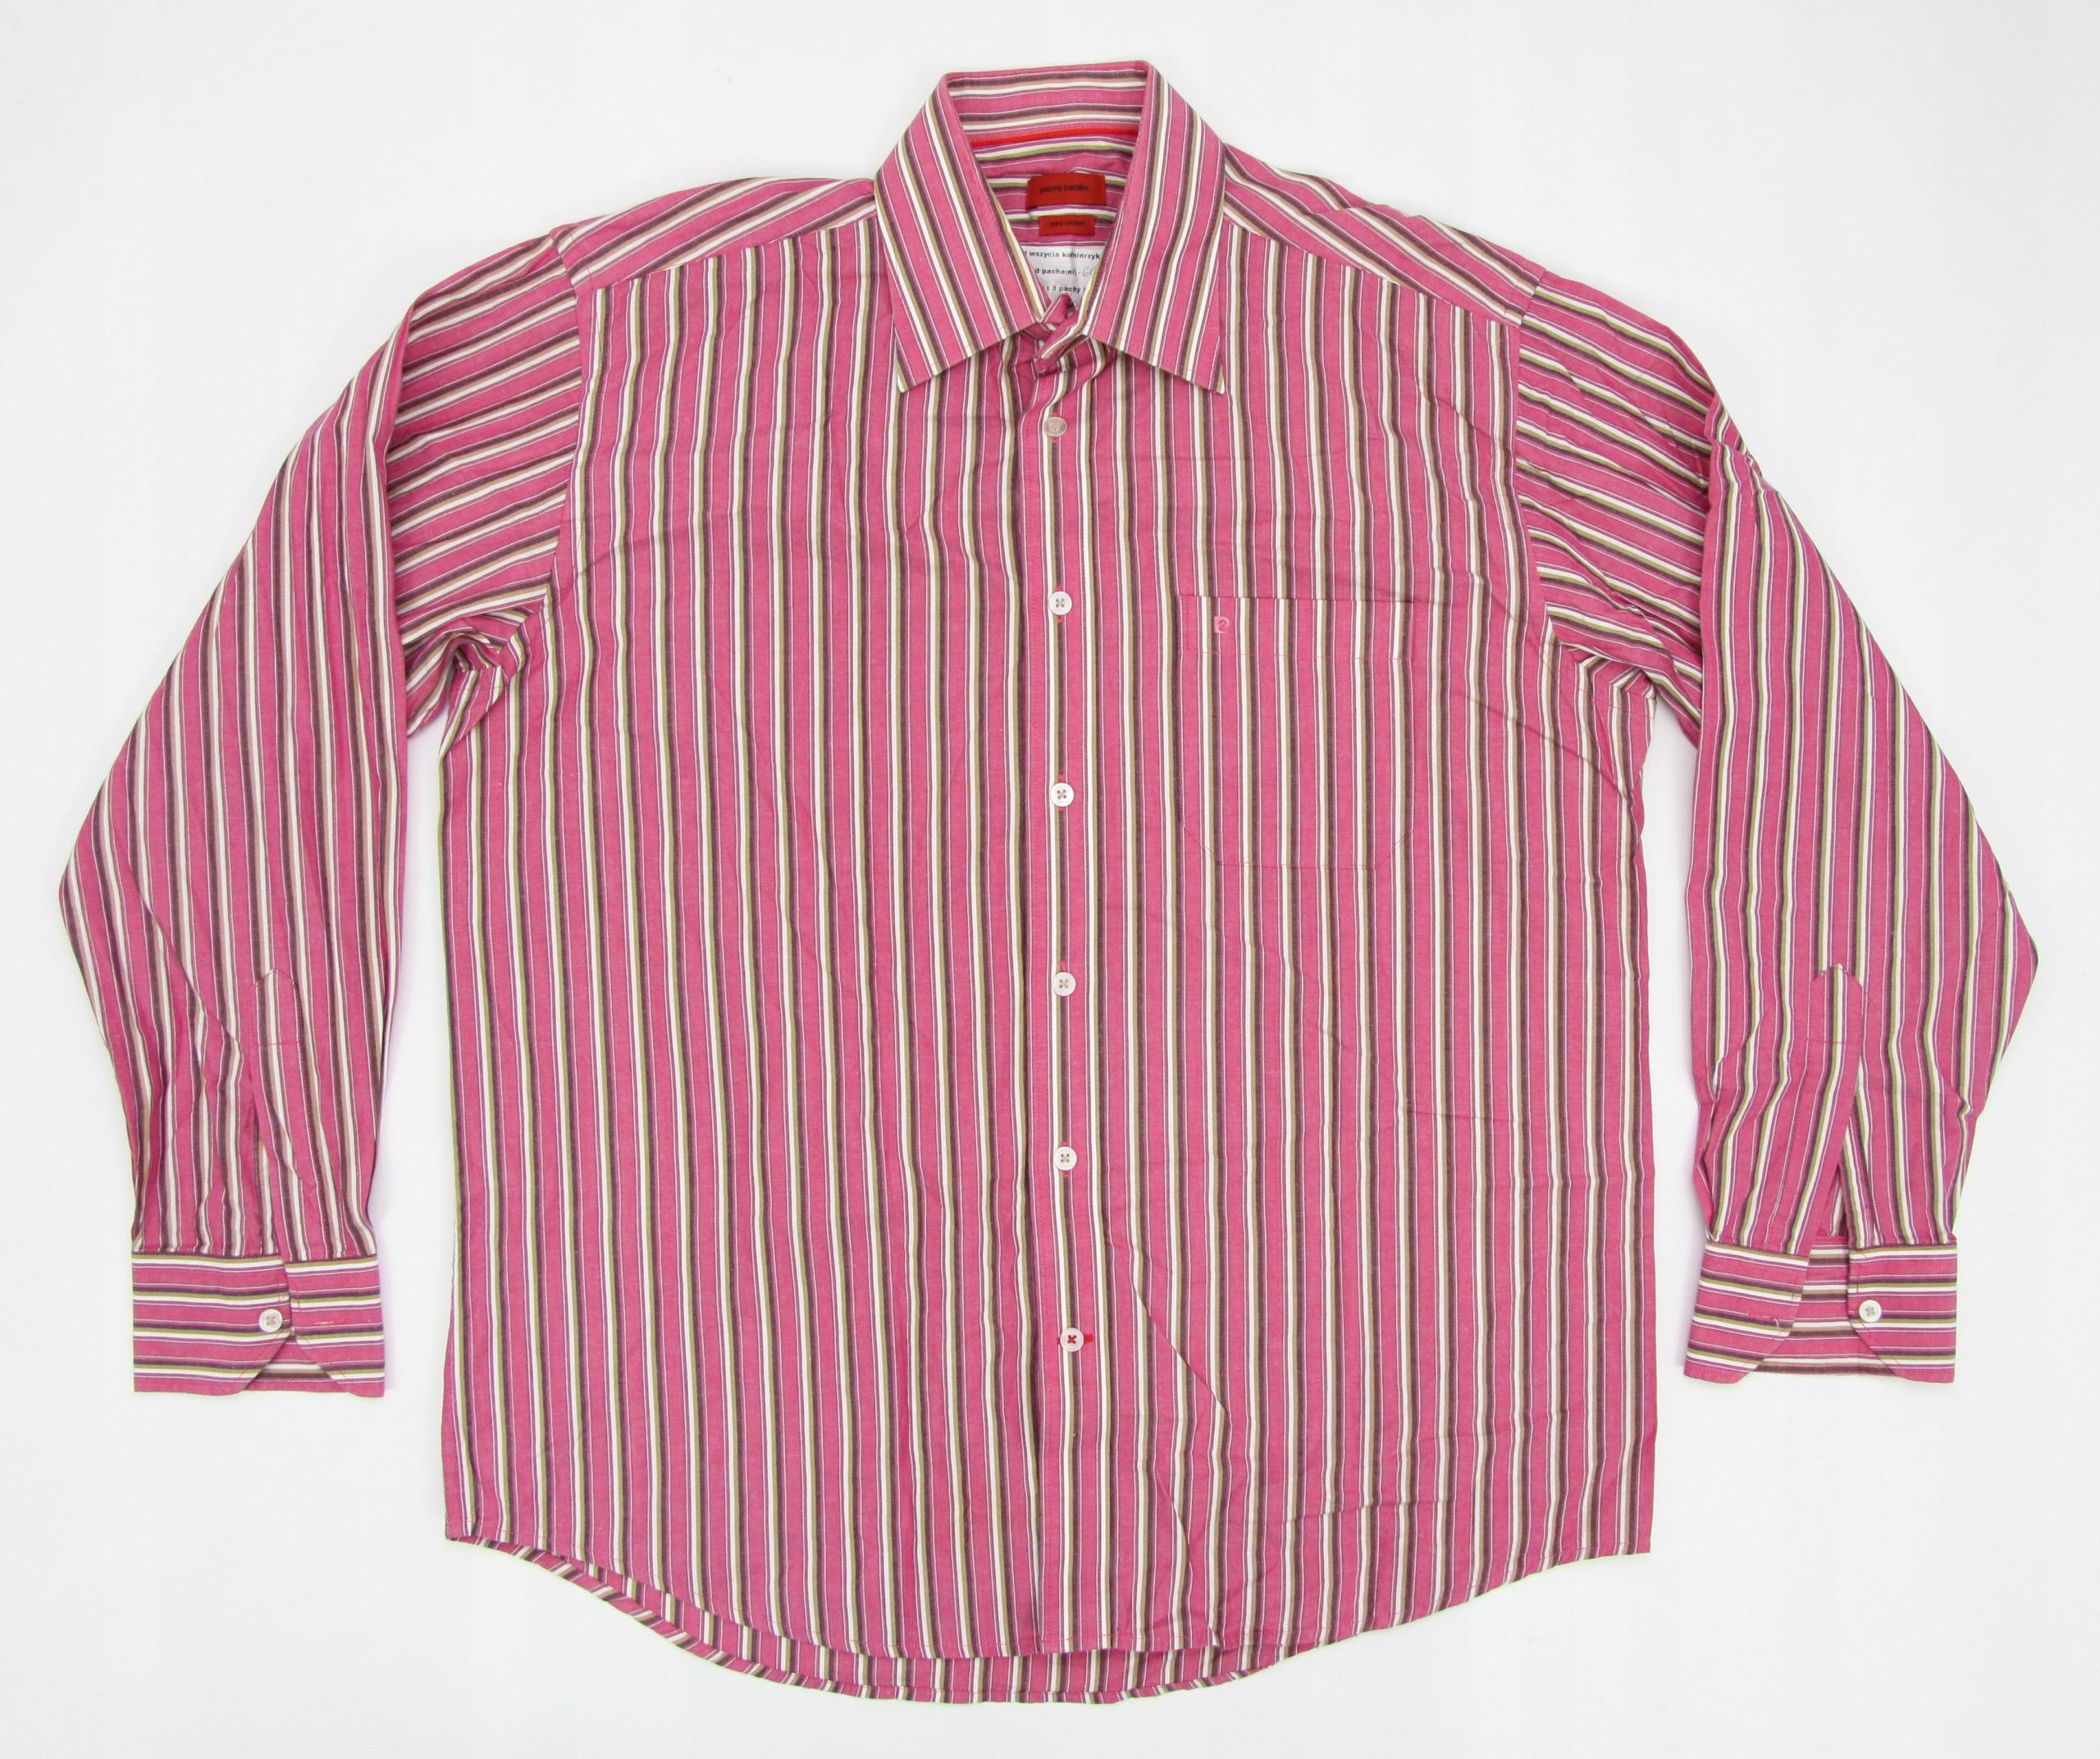 PIERRE CARDIN koszula męska MARKOWA PASKI rozm XL